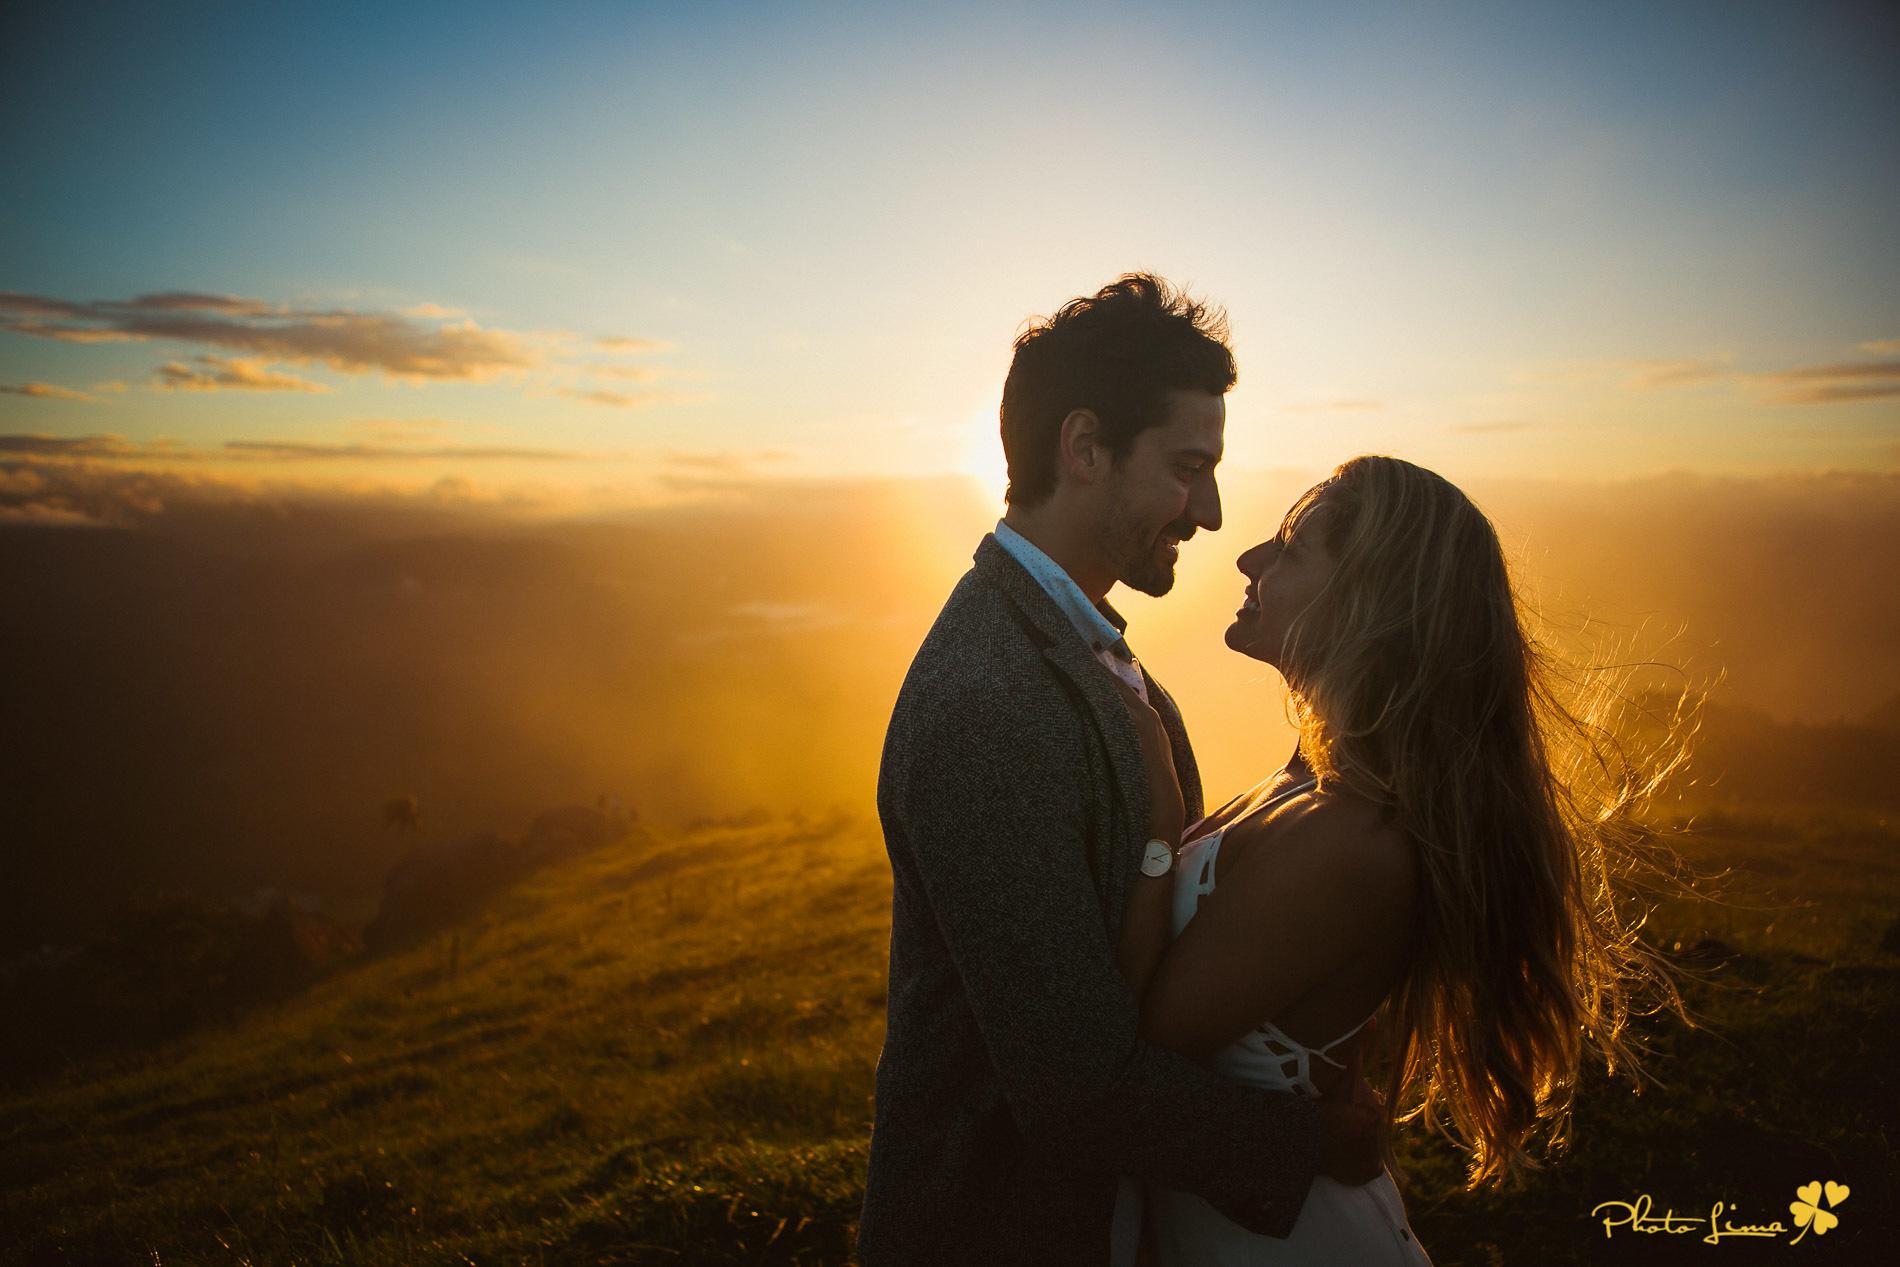 Contate PHOTOLIMA Fotografia - Fotografo de Casamento, Eventos e Retratos - Mogi das Cruzes SP